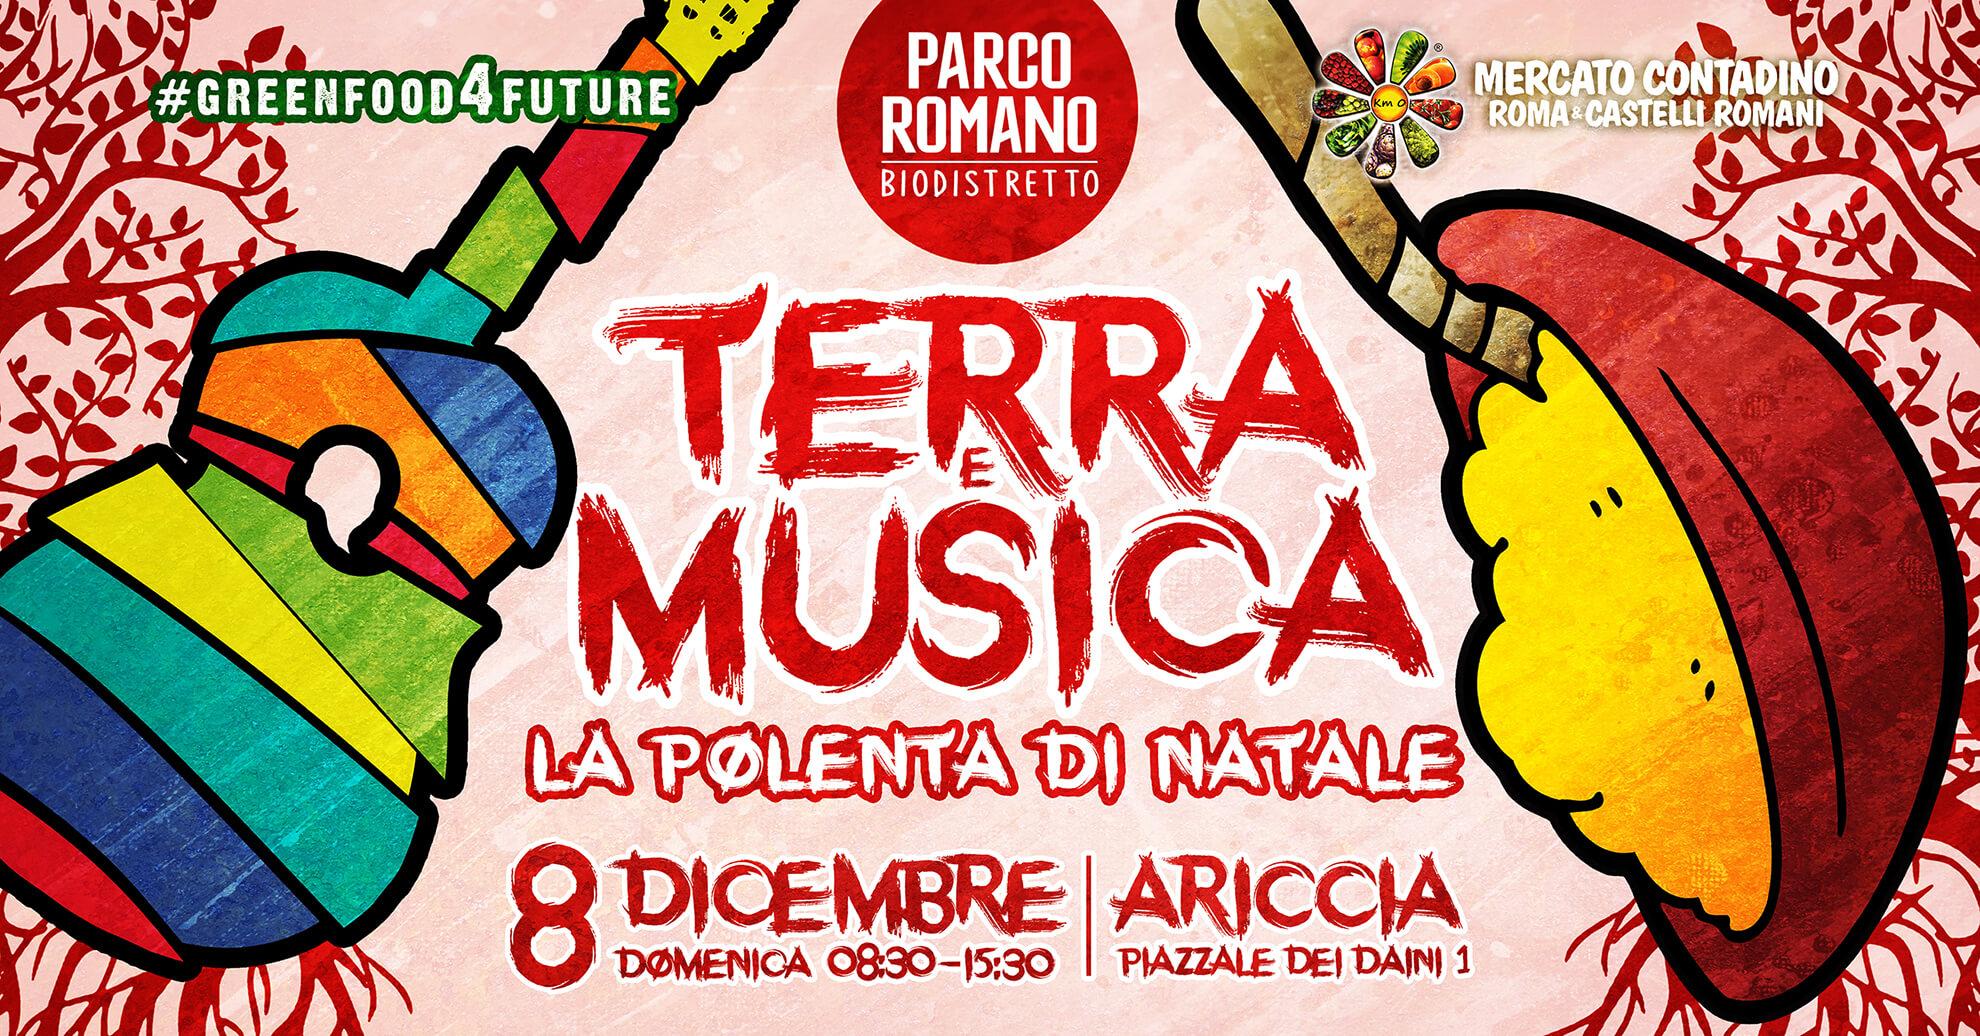 PARCO ROMANO TERRA E MUSICA: LA POLENTA DI NATALE EVENTO